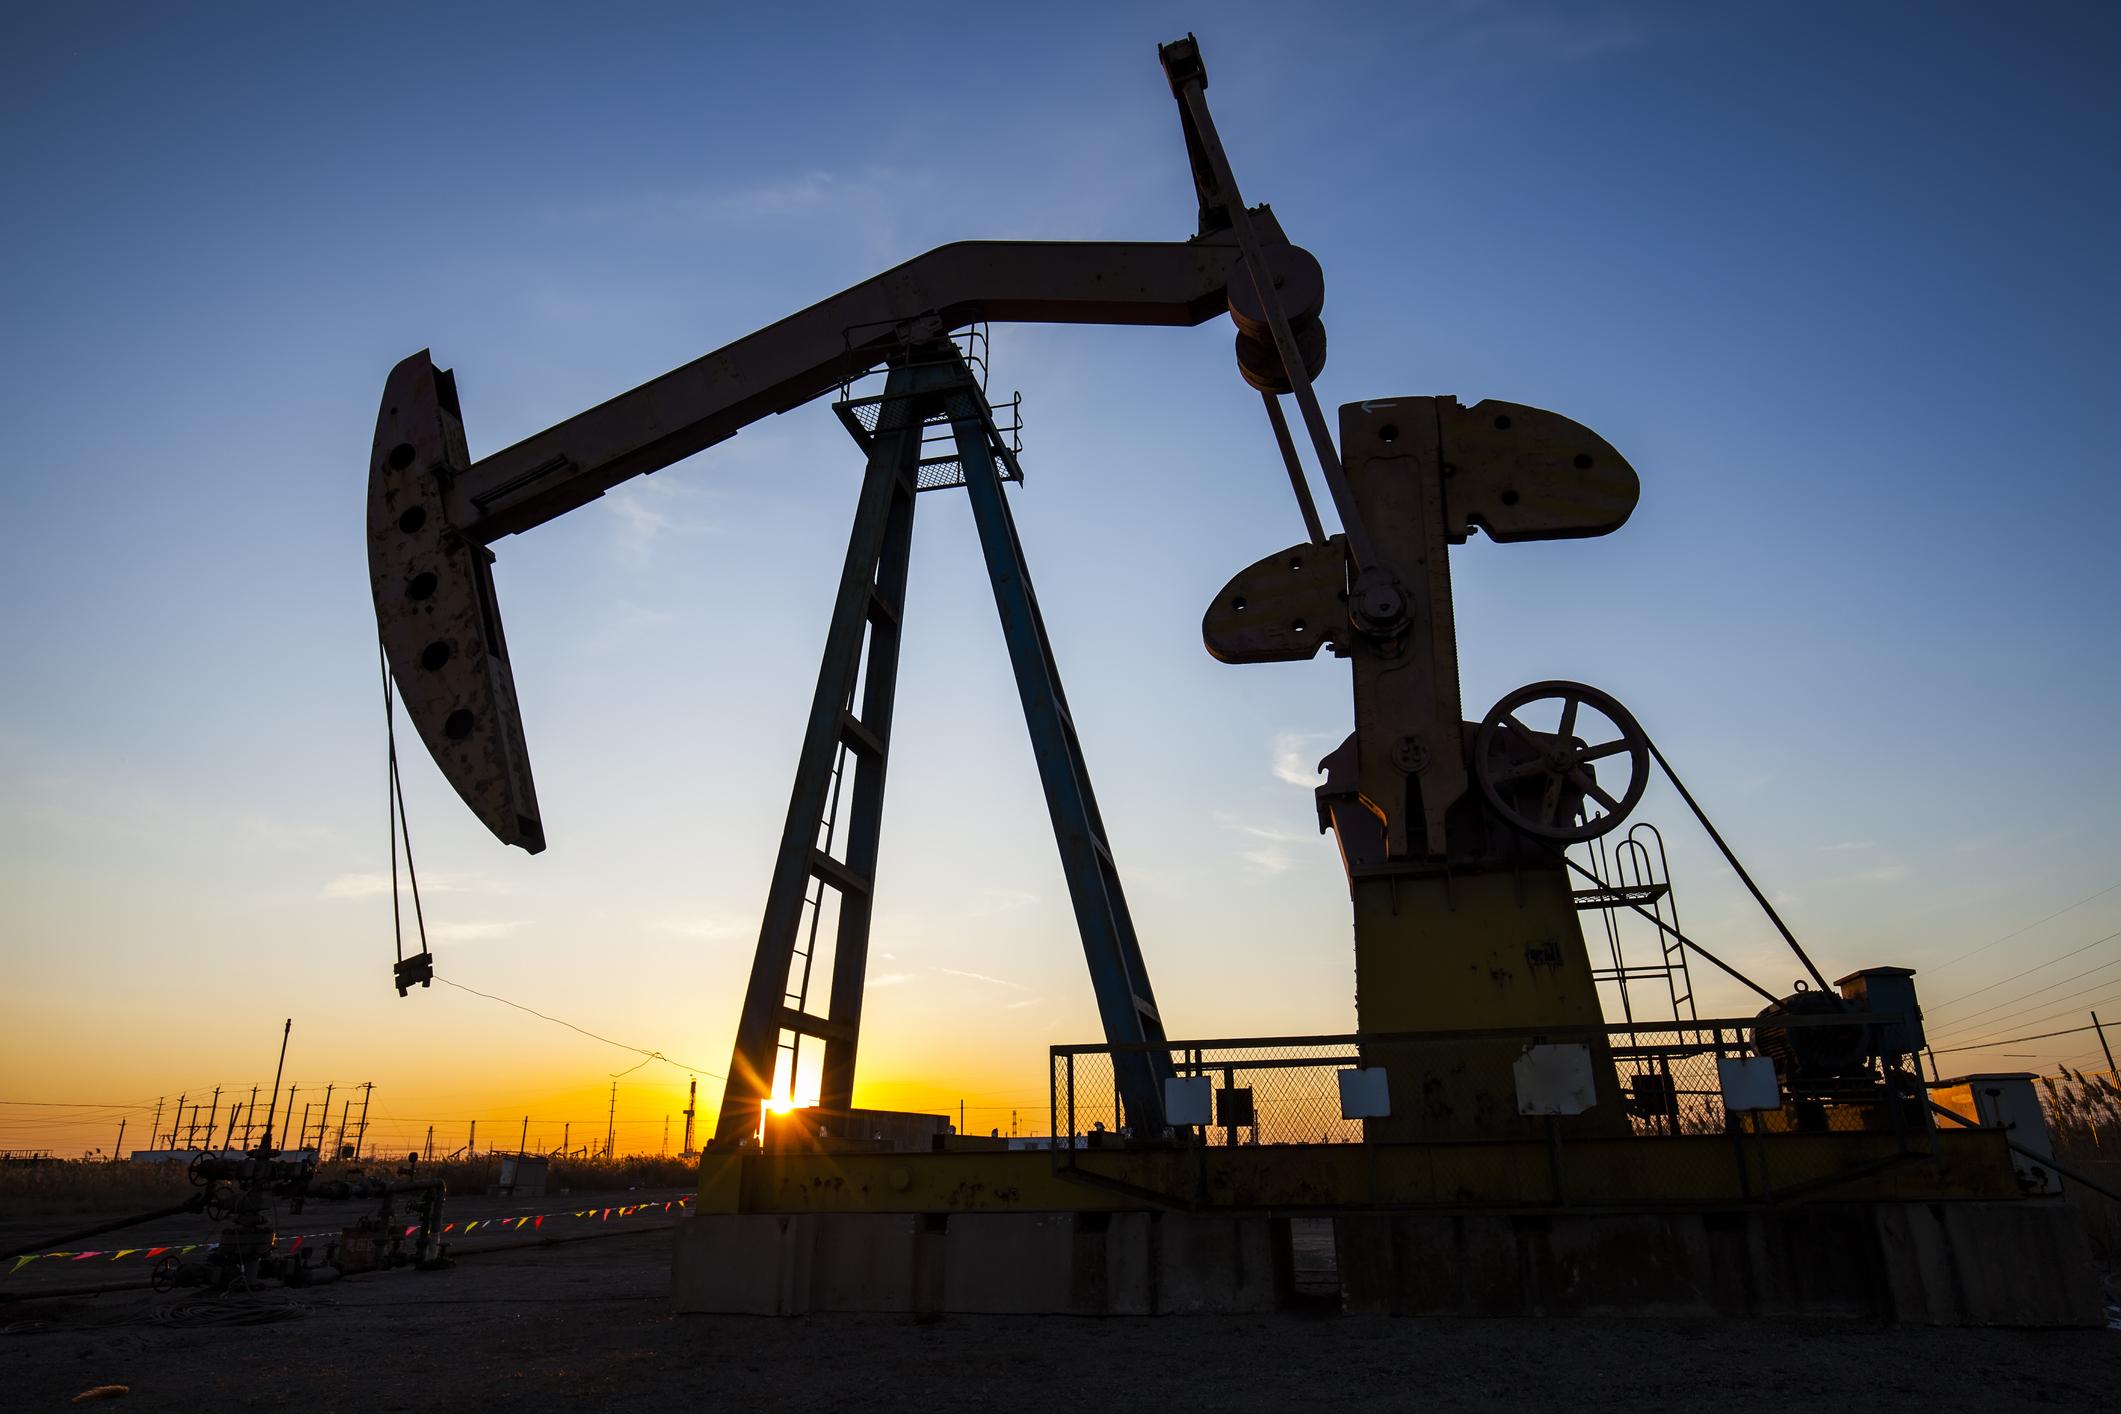 A beam of light shining through an oil pump at sunset